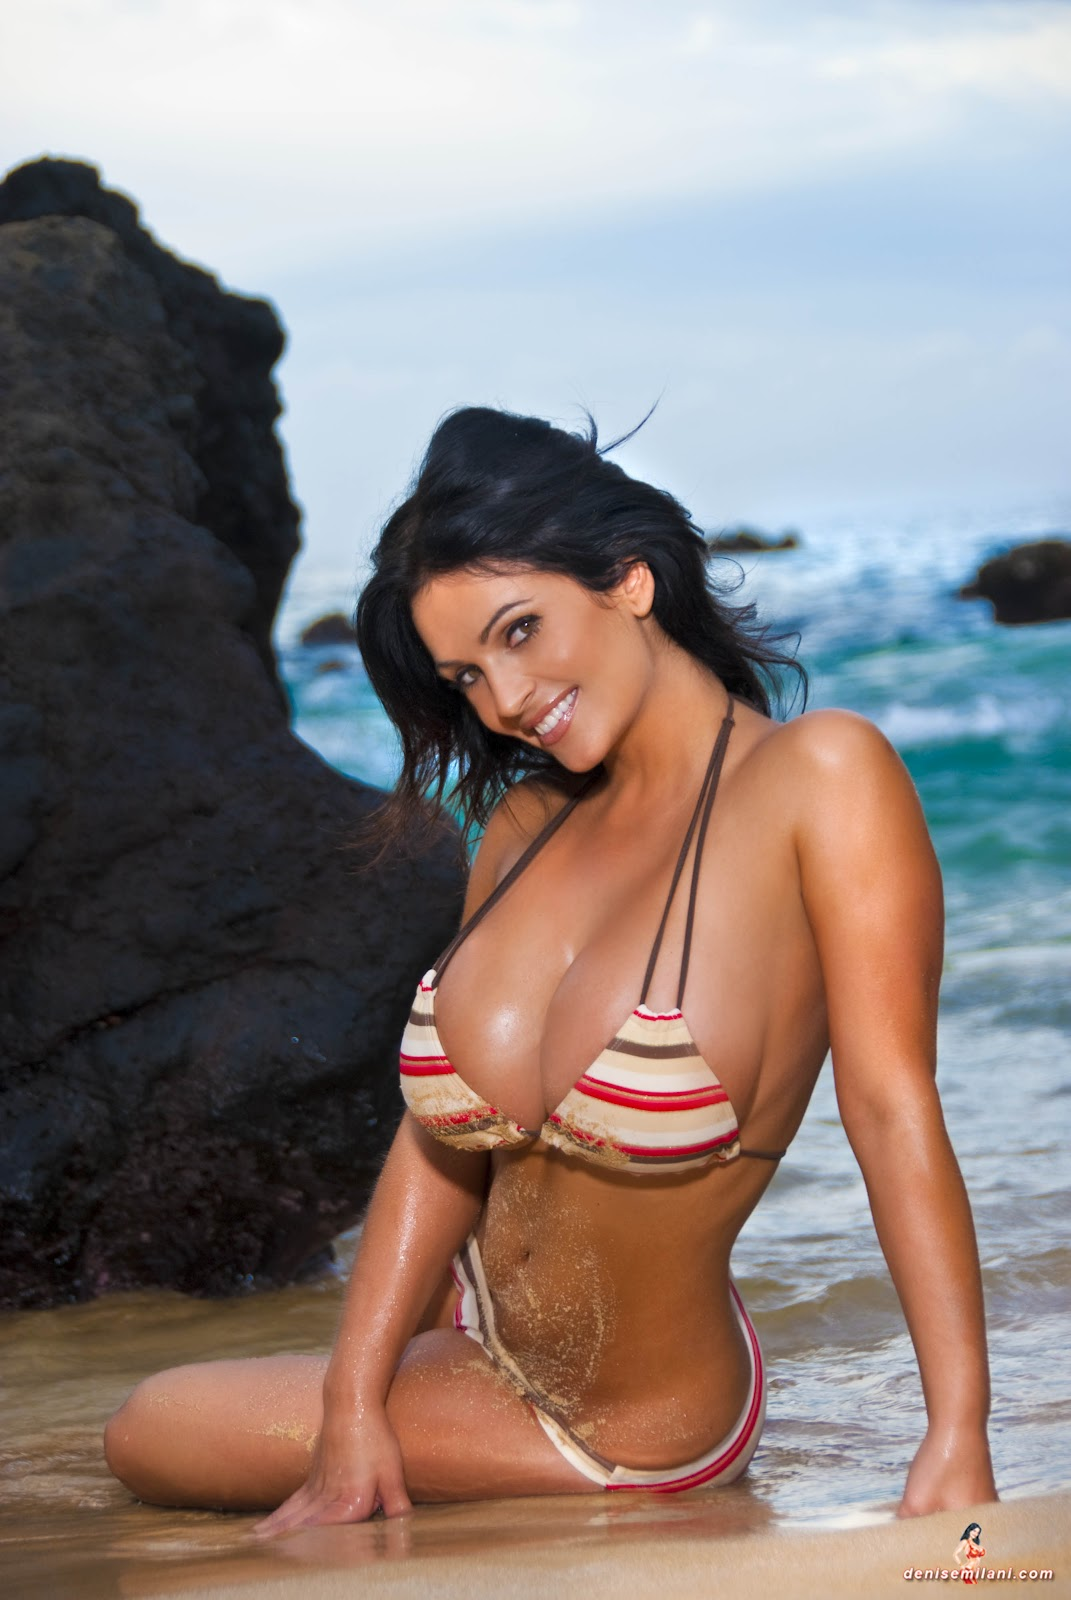 Яна дэфи на пляже 13 фотография